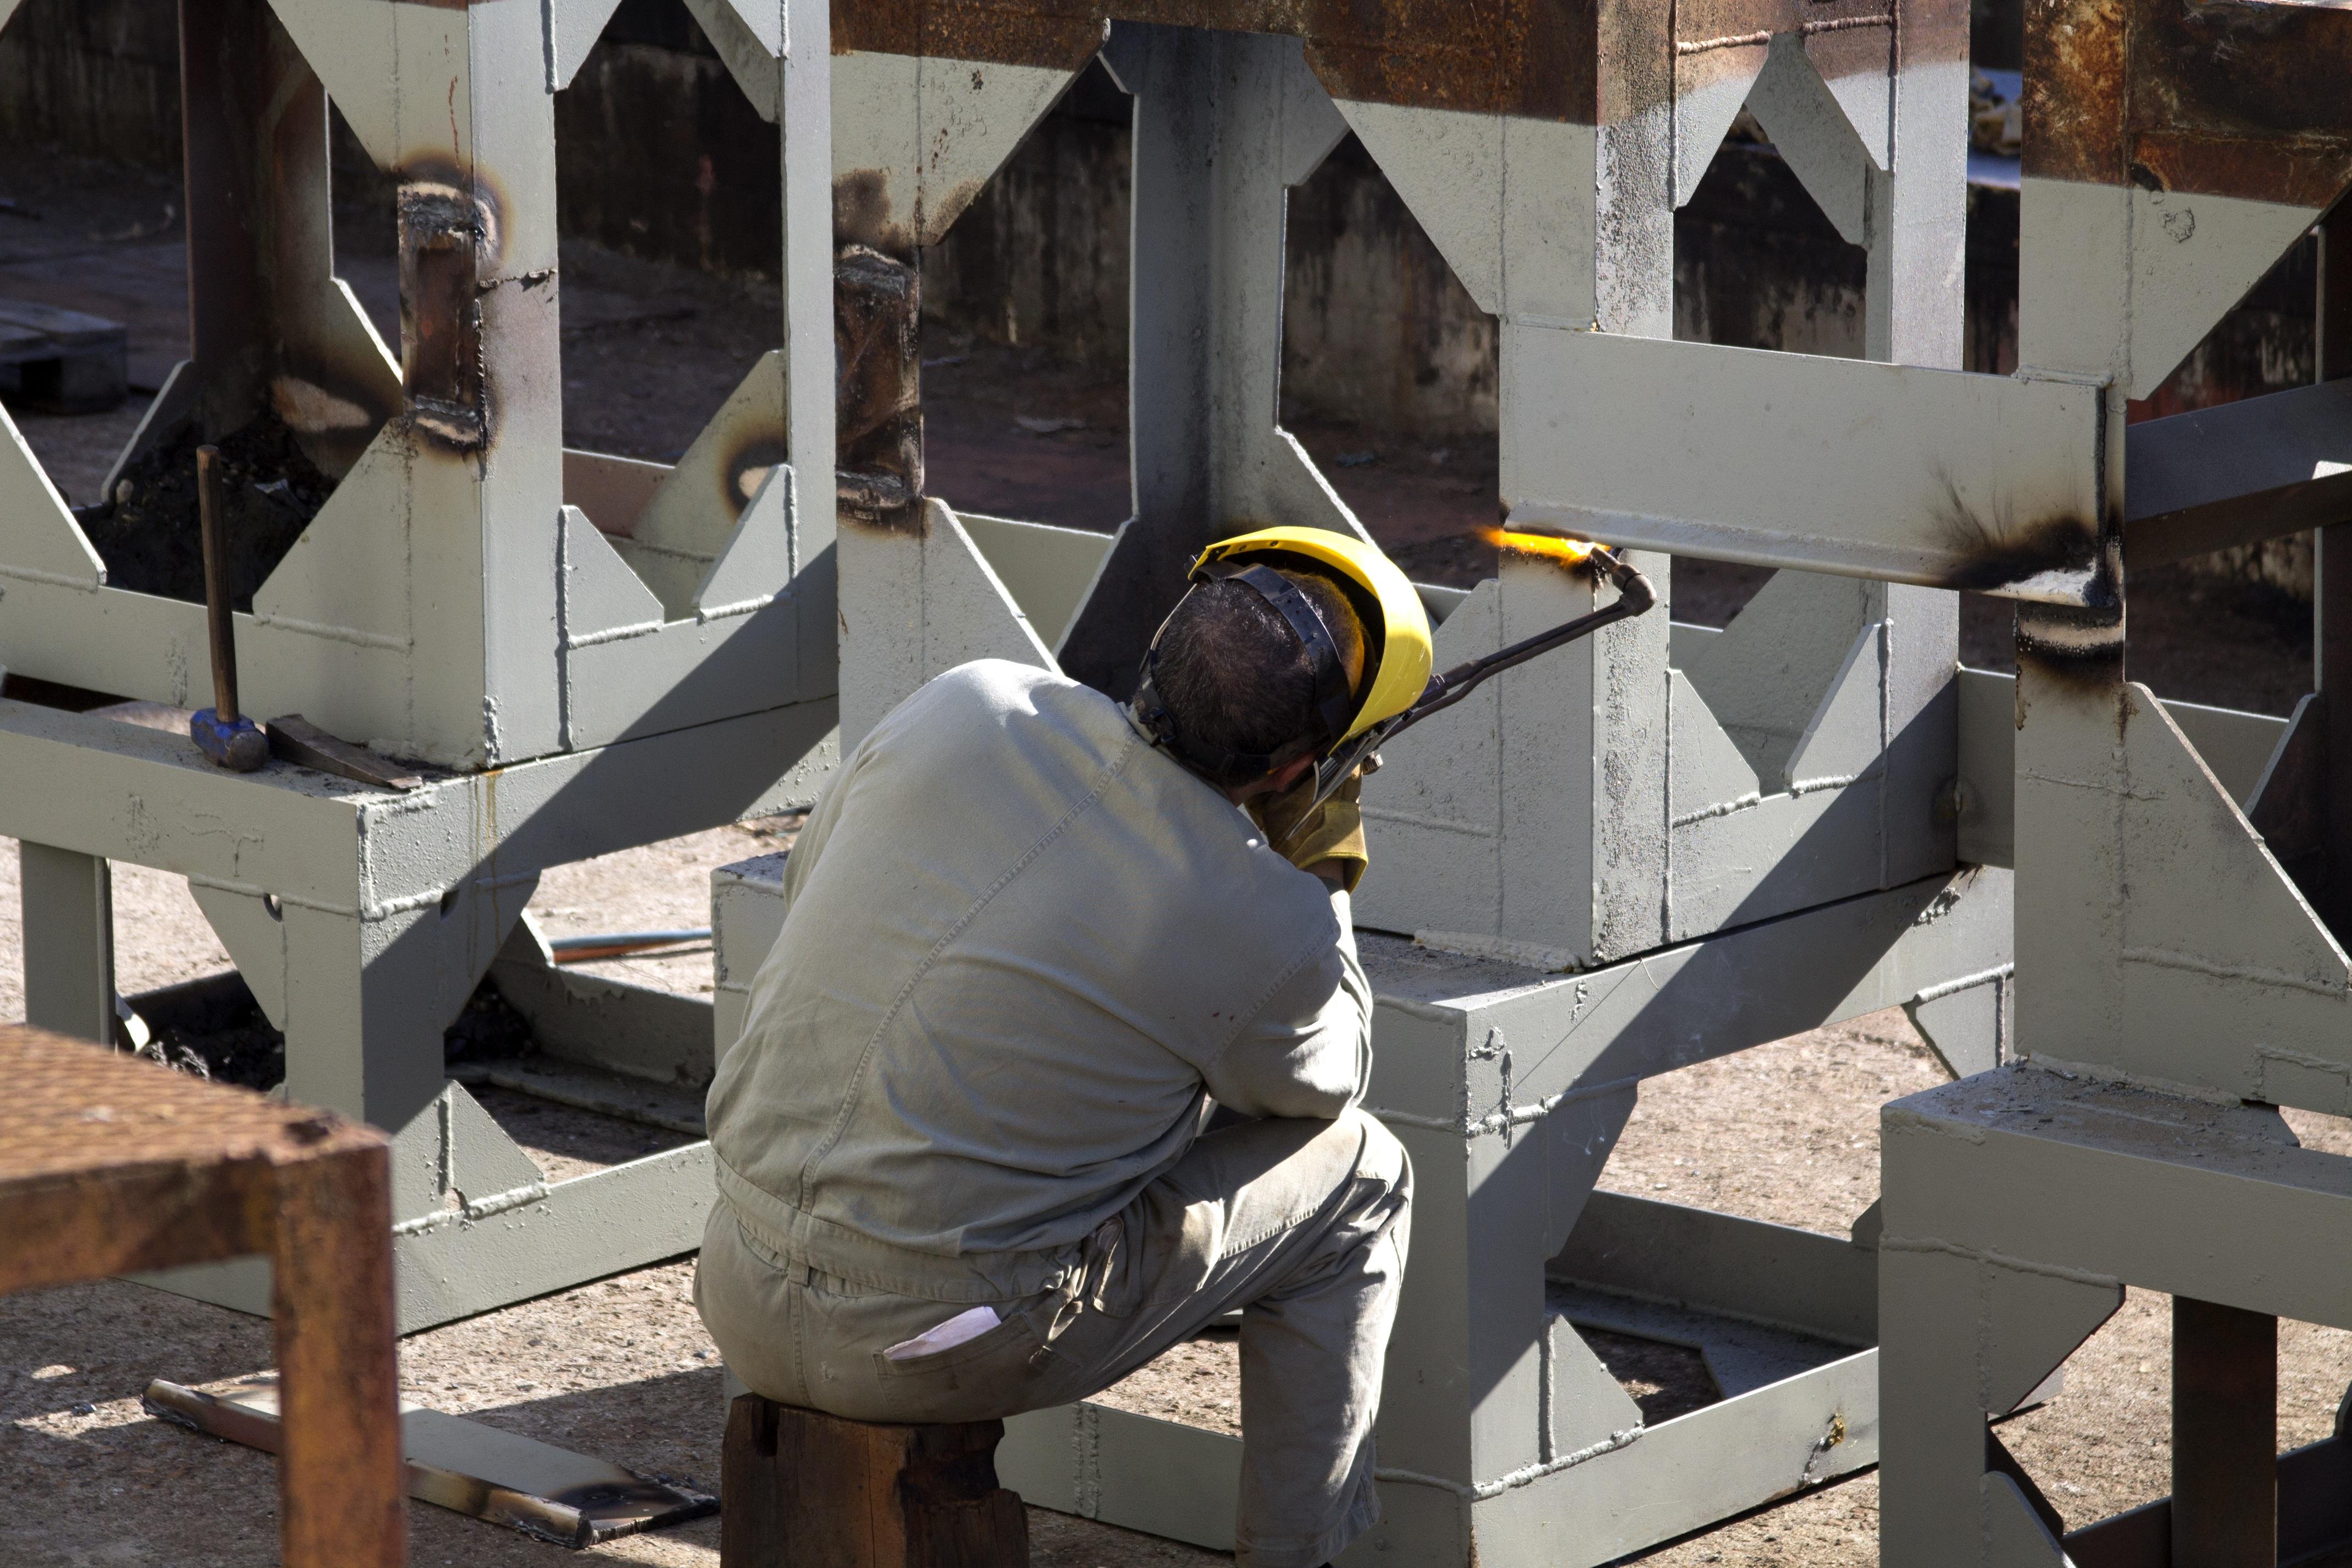 Holz Stehlen kostenlose foto arbeiten holz stehlen bau metall schweißen